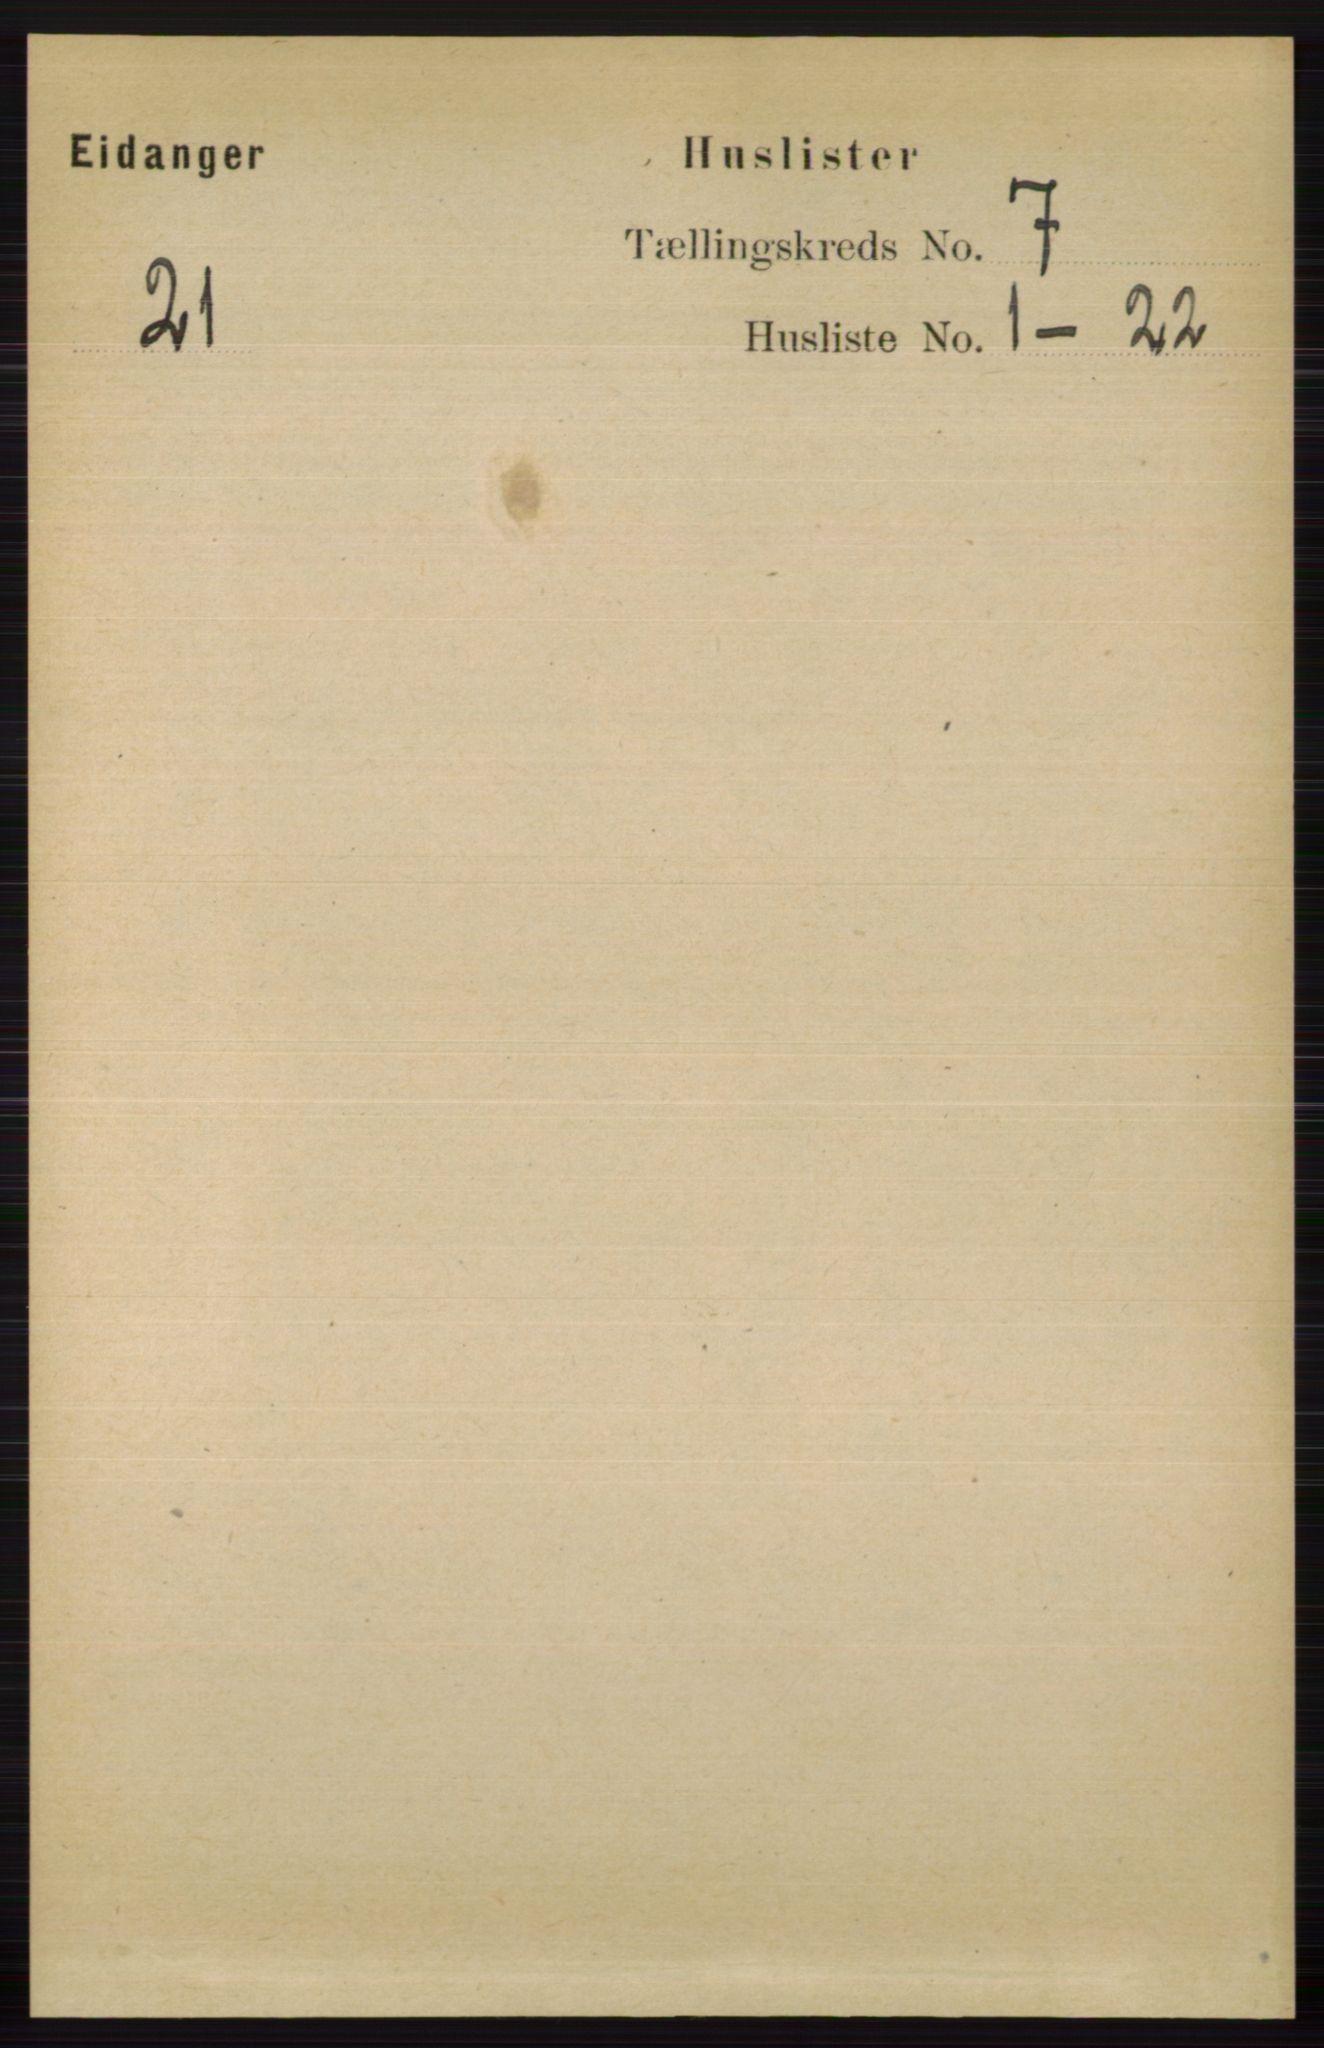 RA, Folketelling 1891 for 0813 Eidanger herred, 1891, s. 2726